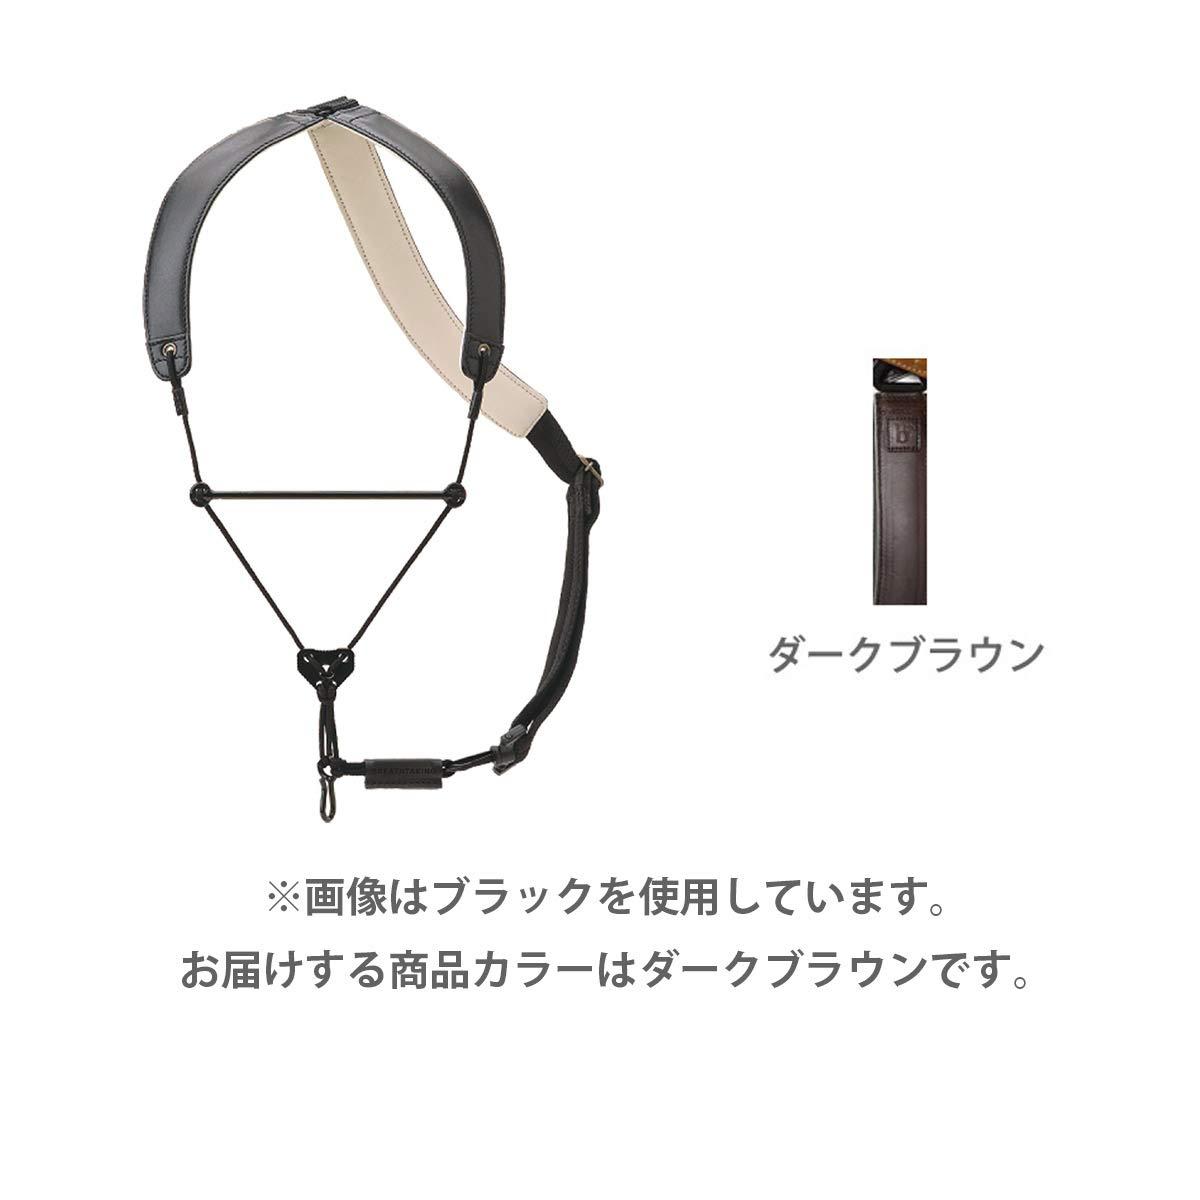 【管楽器ストラップ】breathtaking(ブレステイキング)サックスストラップ Lithe(ライザ)Premium2 DB(ダークブラウン)オープンフック, キミセ醤油:ba527007 --- officewill.xsrv.jp